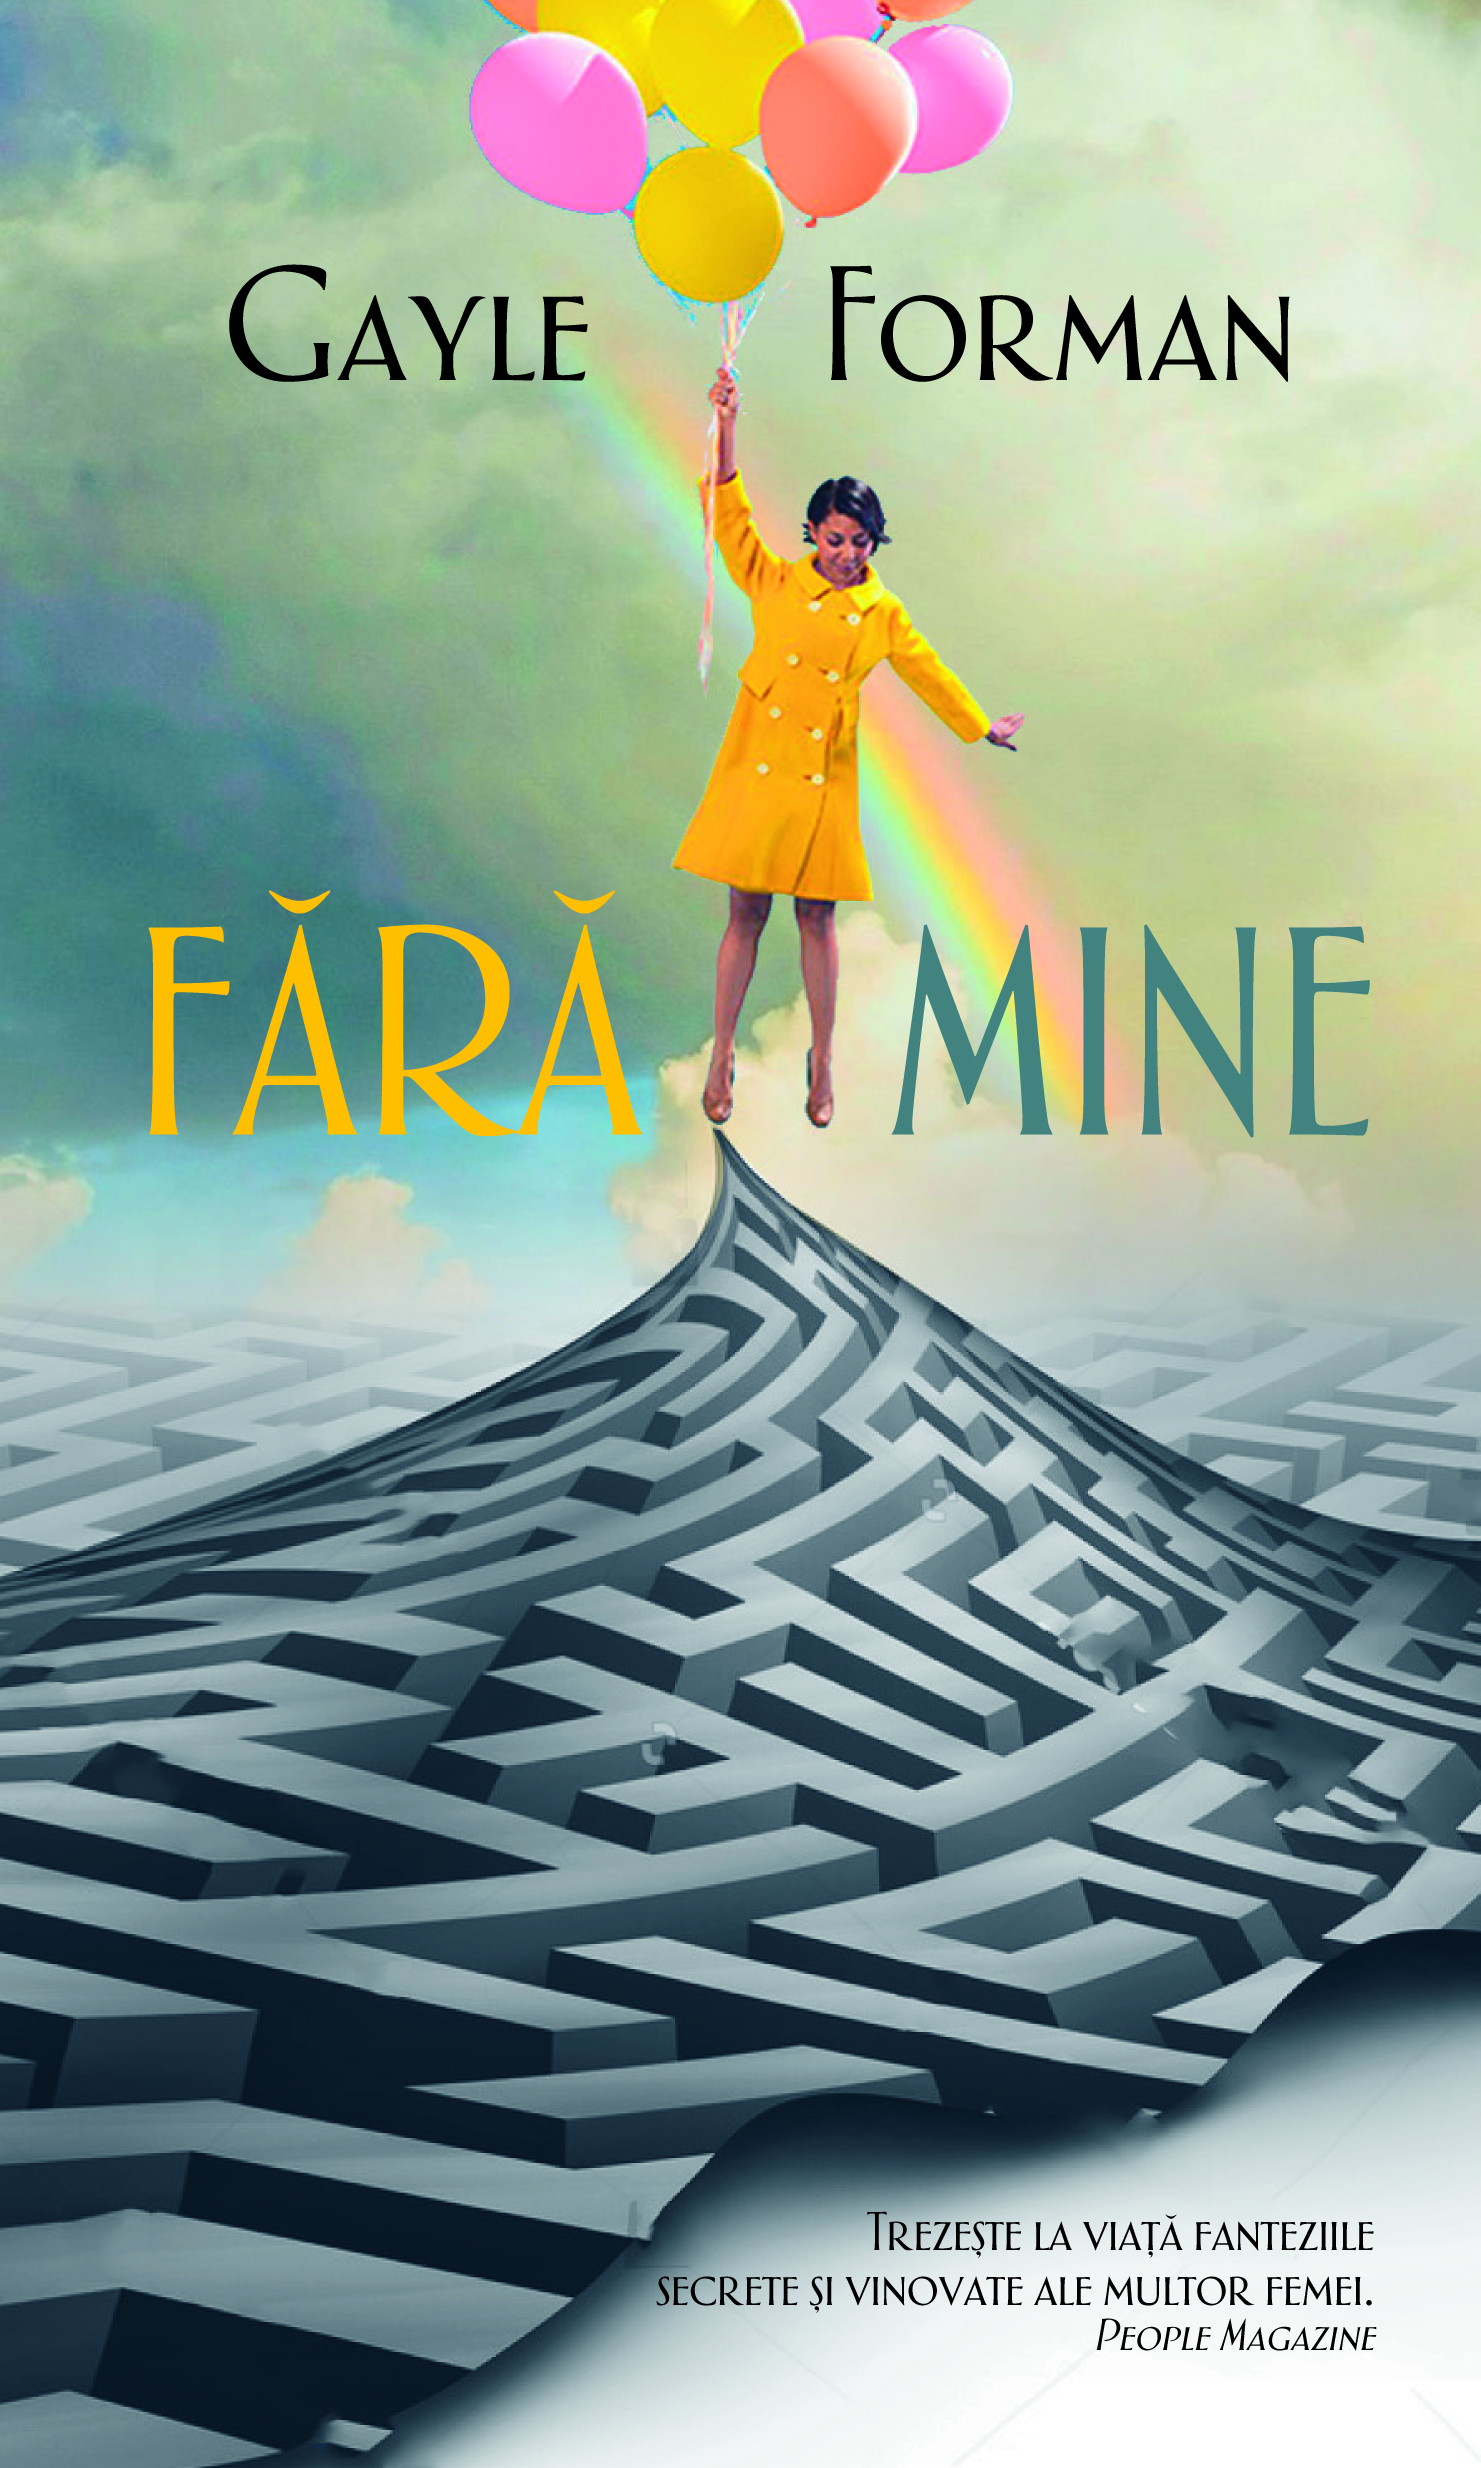 Fara mine | Gayle Forman